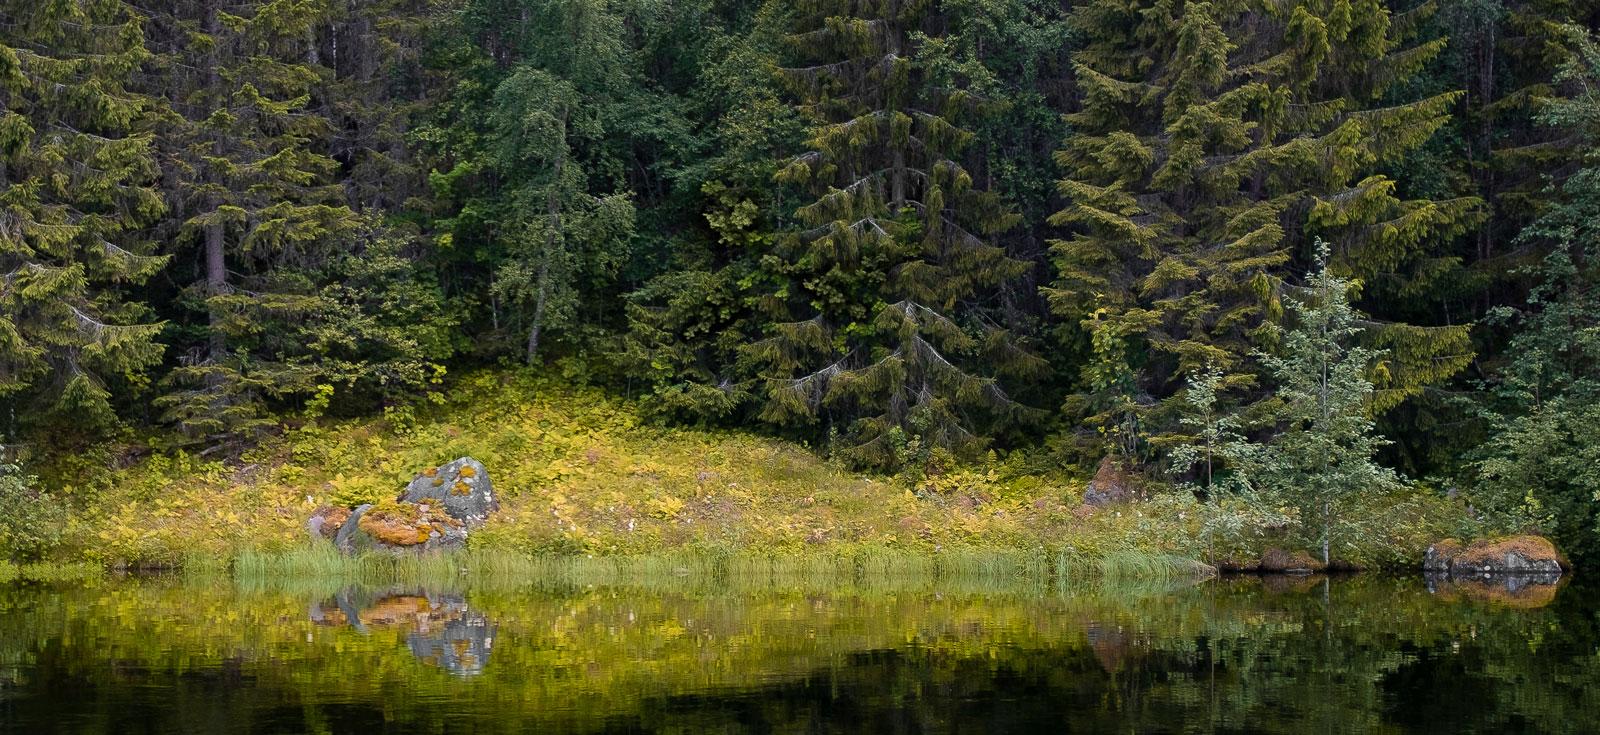 Lugnet, tystnaden och orörd natur. Goda anledningar att bege sig iväg ut.